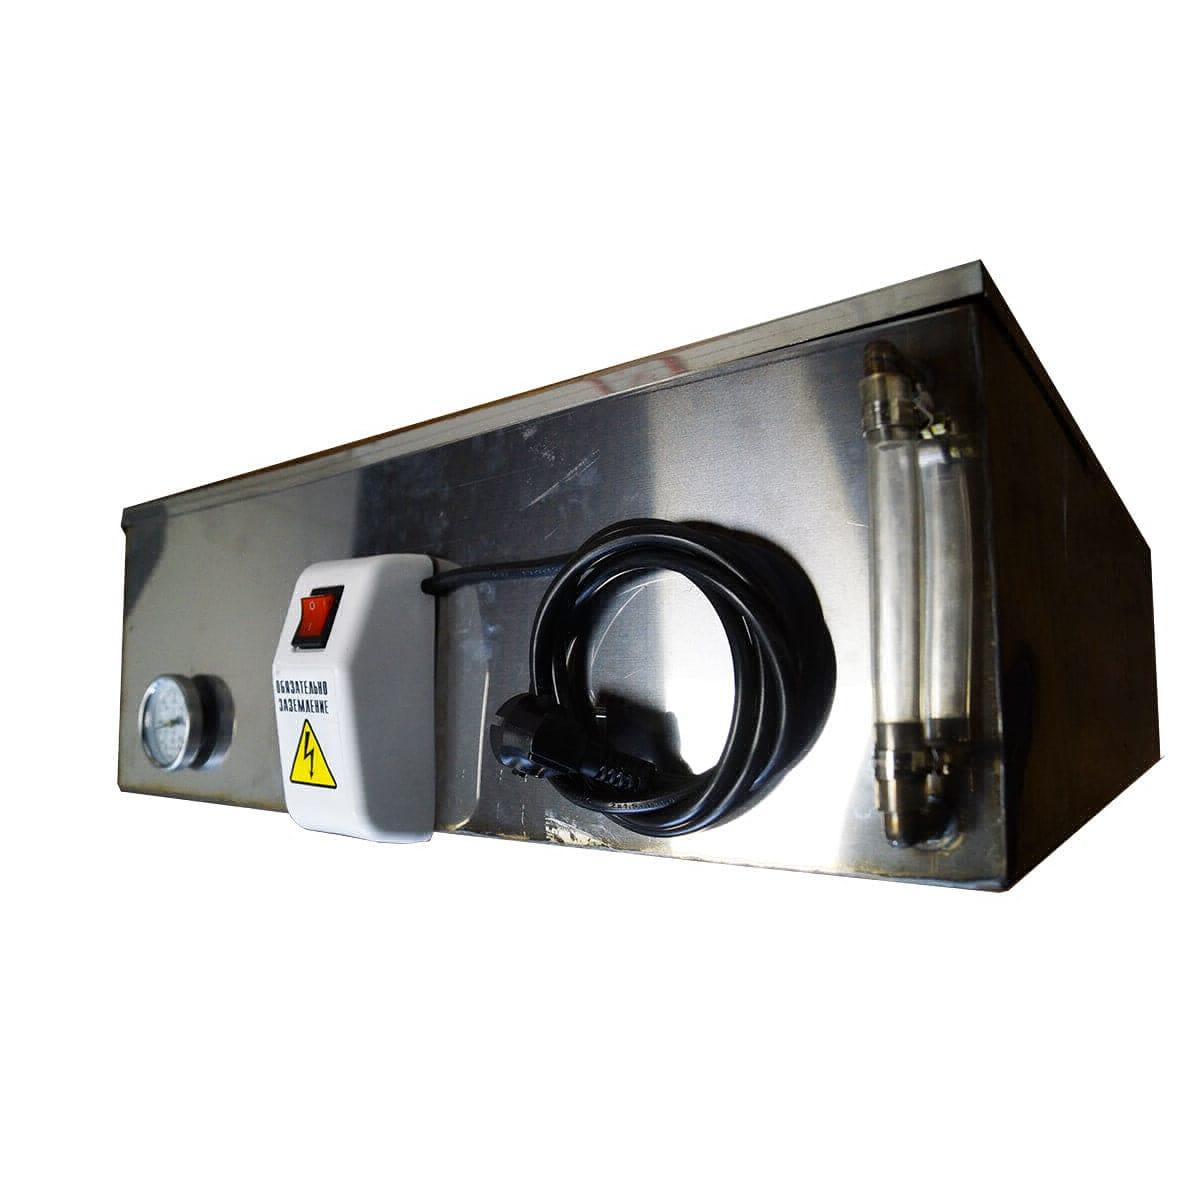 Бак для душа Успех 85 л, с подогревом, 1,5 кВт (с термометром и уровнем воды)